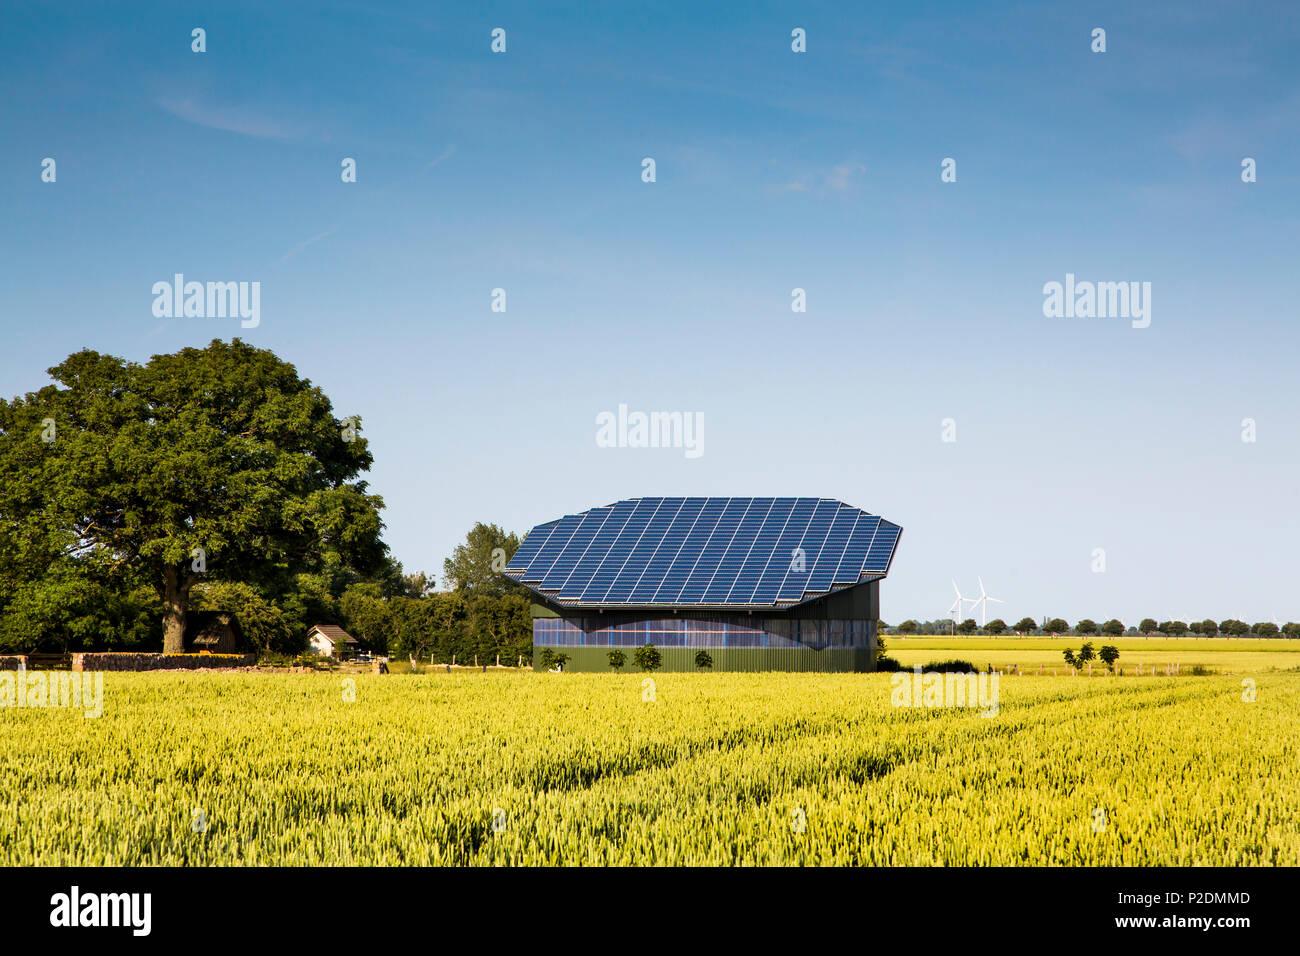 Pannelli solari su un tetto stabile, costa baltica, Schleswig-Holstein, Germania Immagini Stock